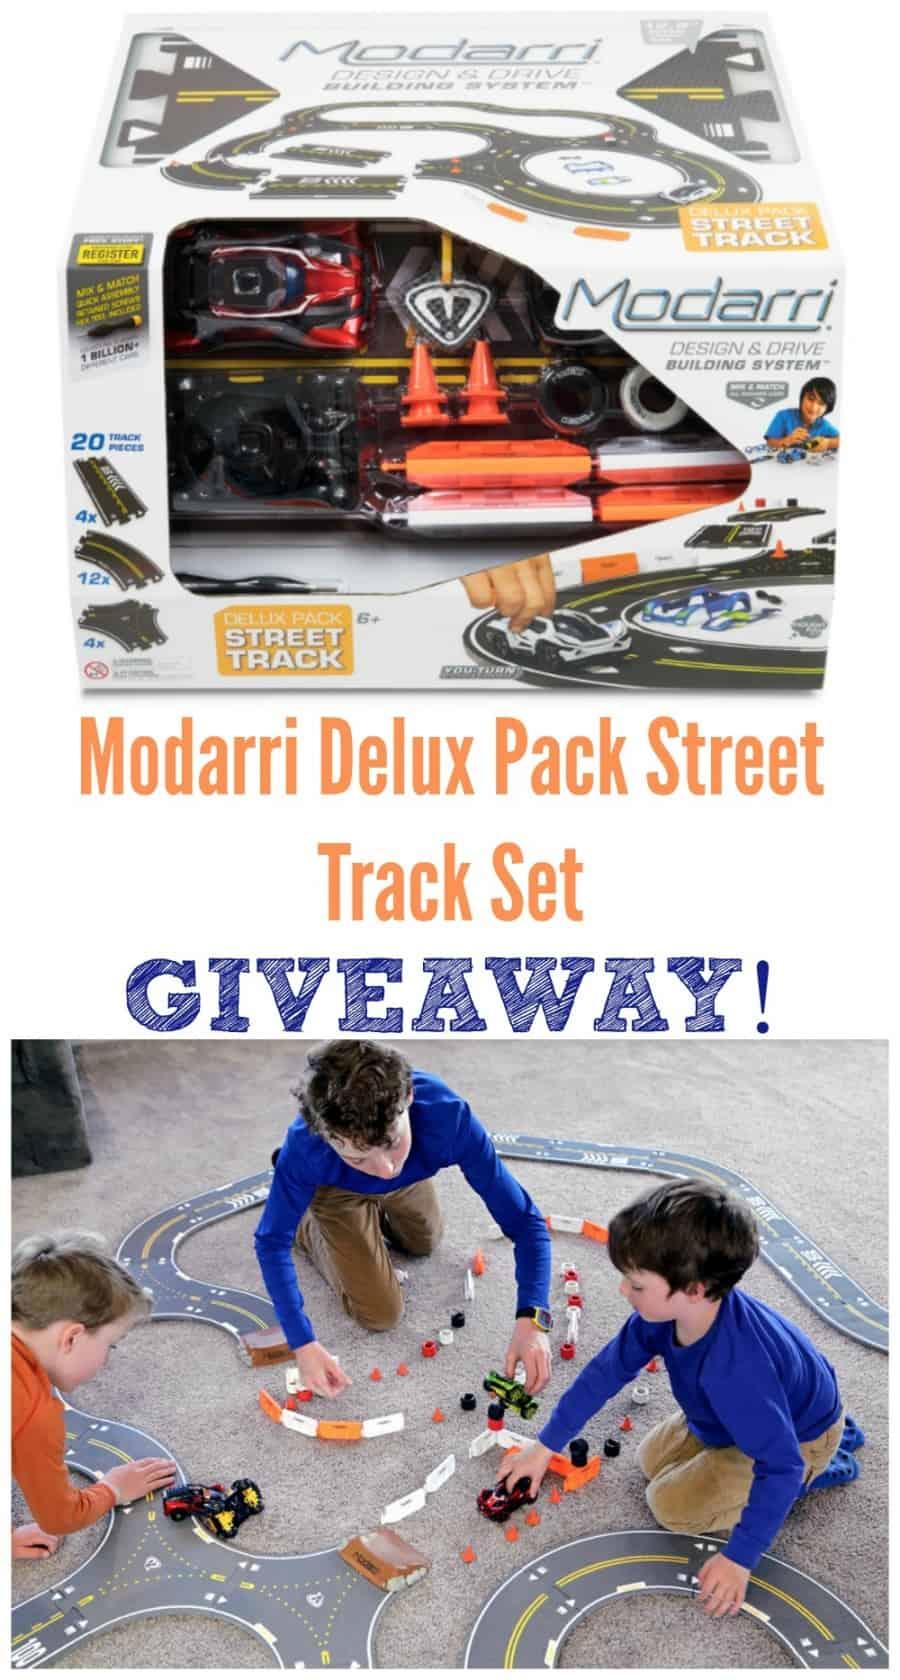 Modarri Delux Pack Street Track Set Giveaway